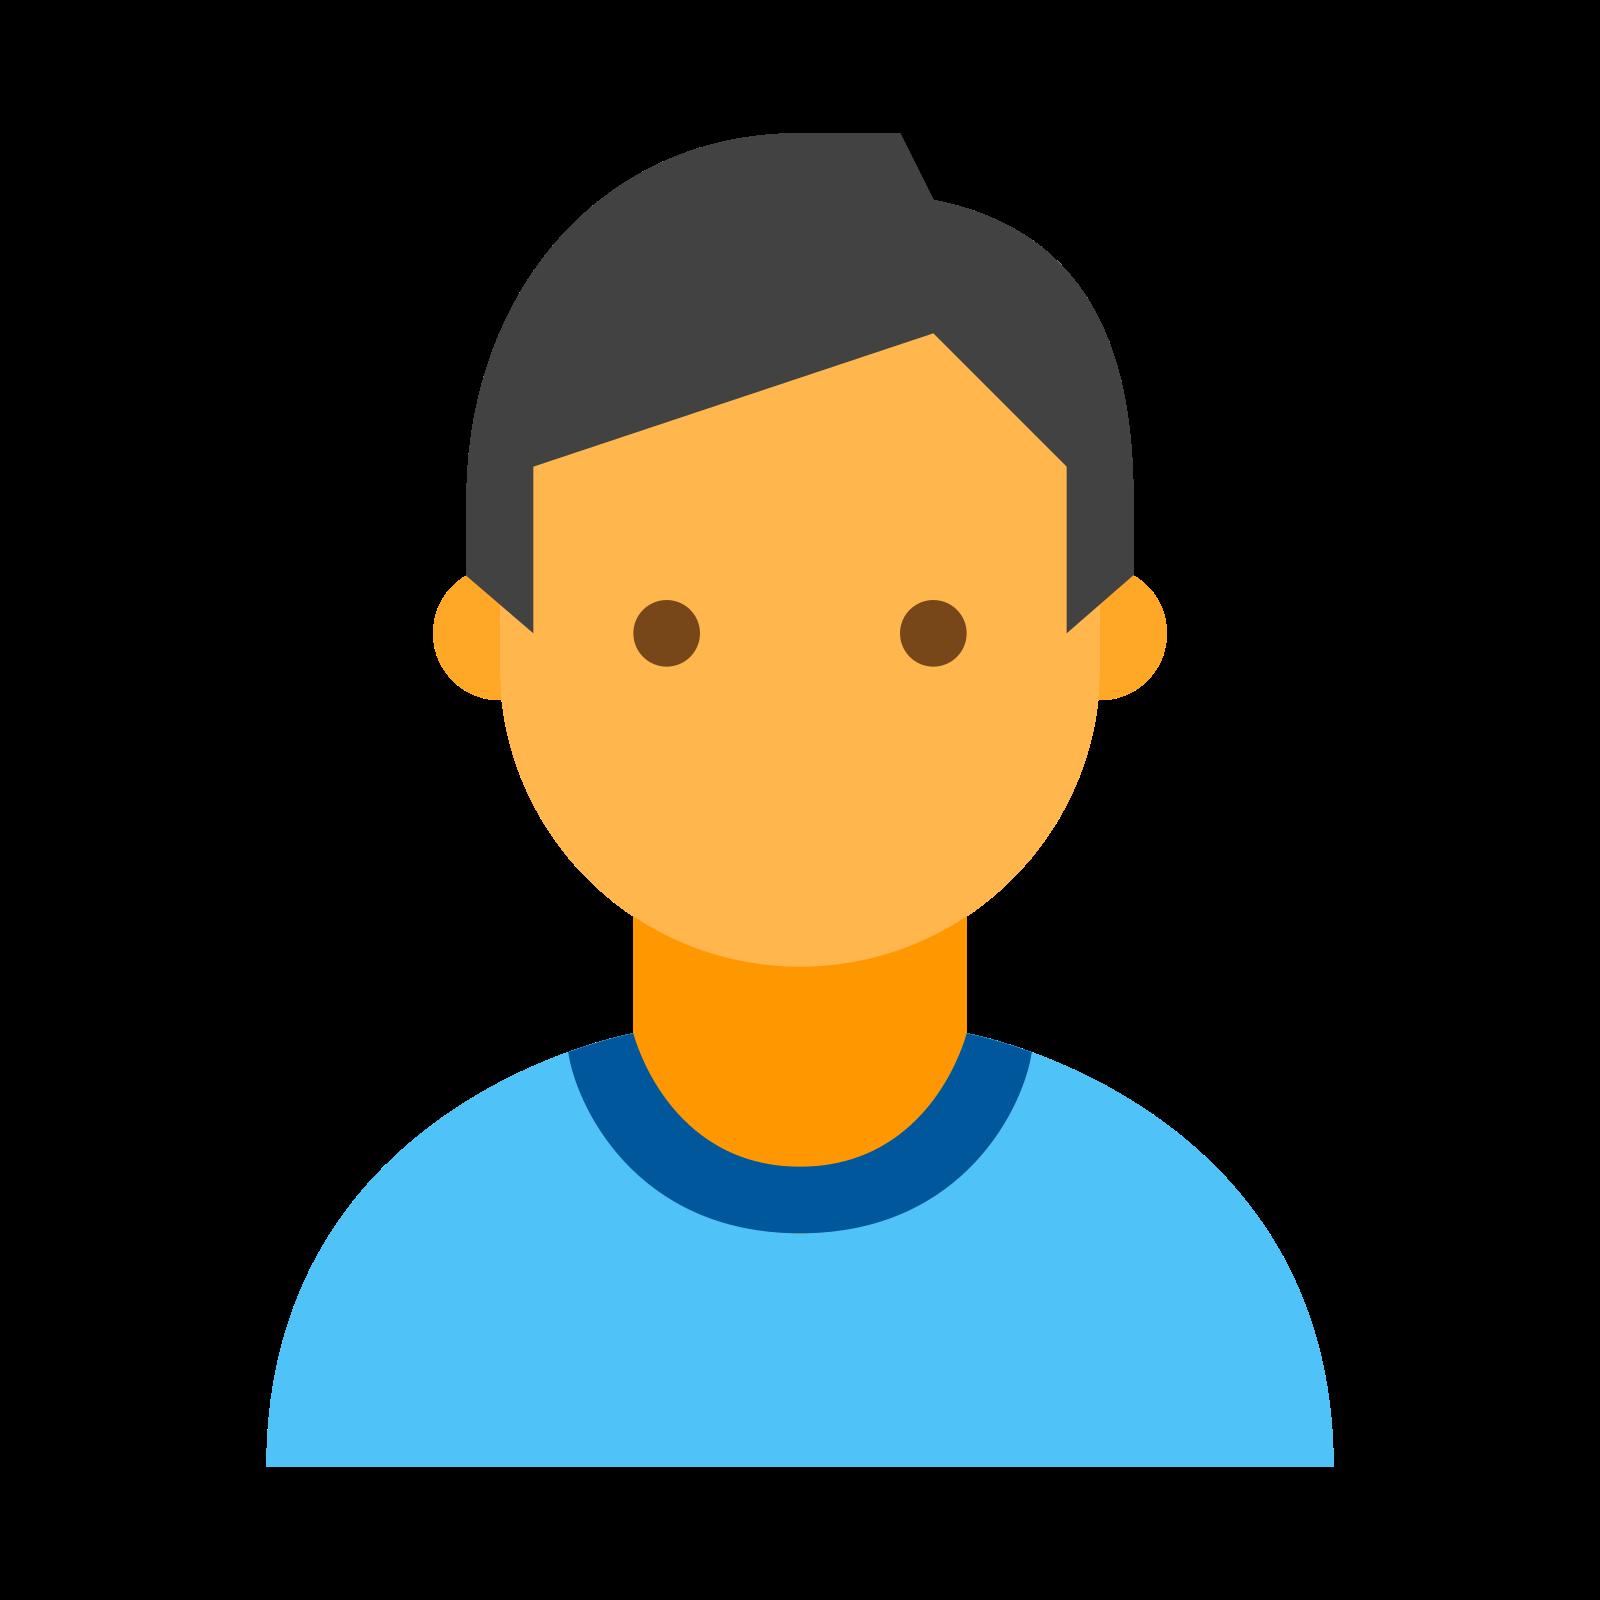 用户 icon. It is the drawing of an enclosed outline of the front profile of a person. The outline includes the head and shoulders. The outline looks like a man, or a woman with short hair.